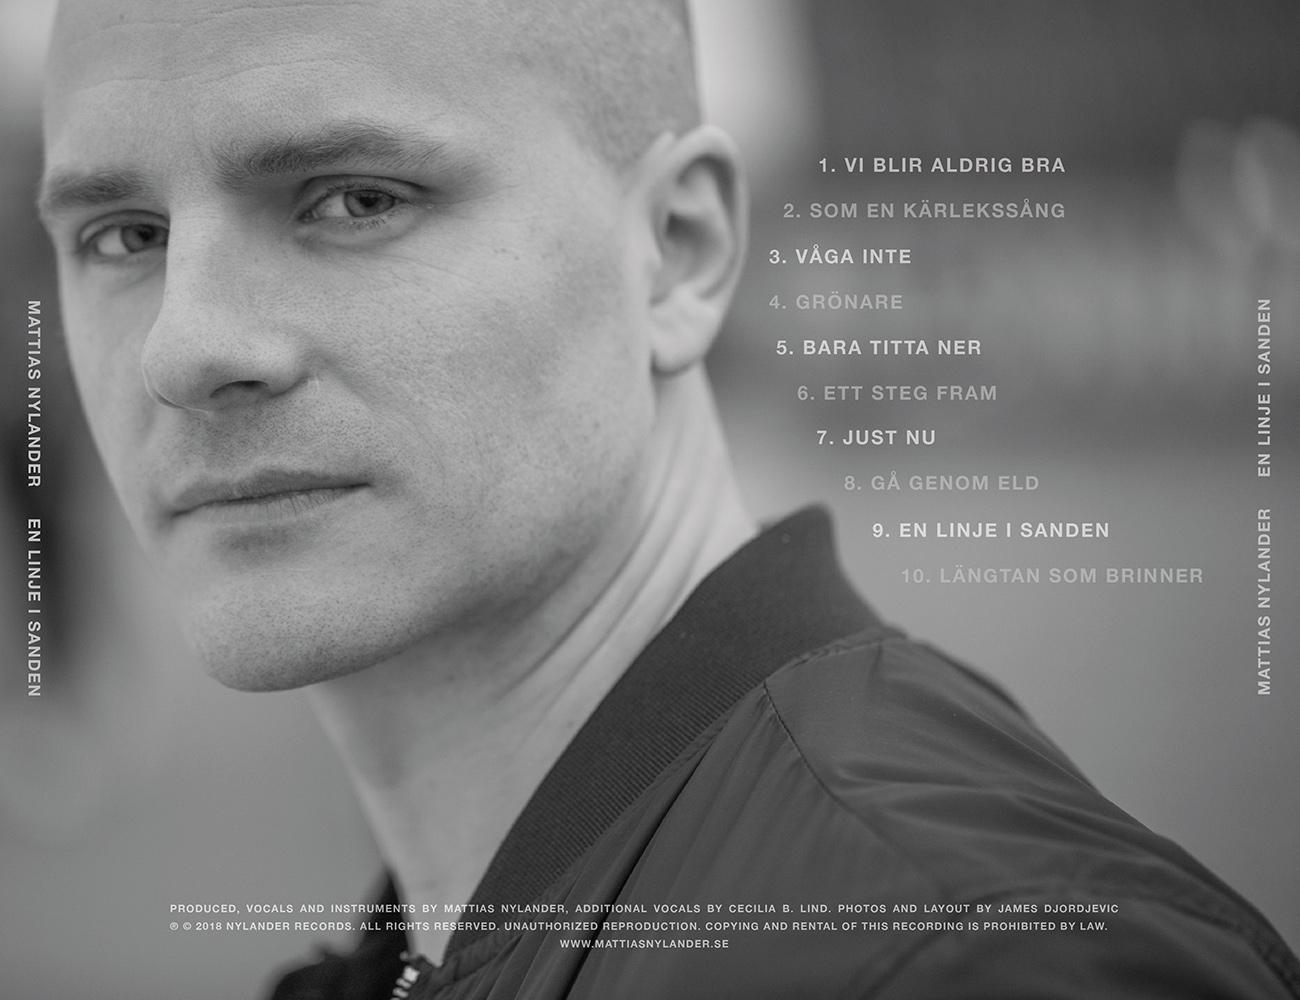 Mattias-Nylander-3